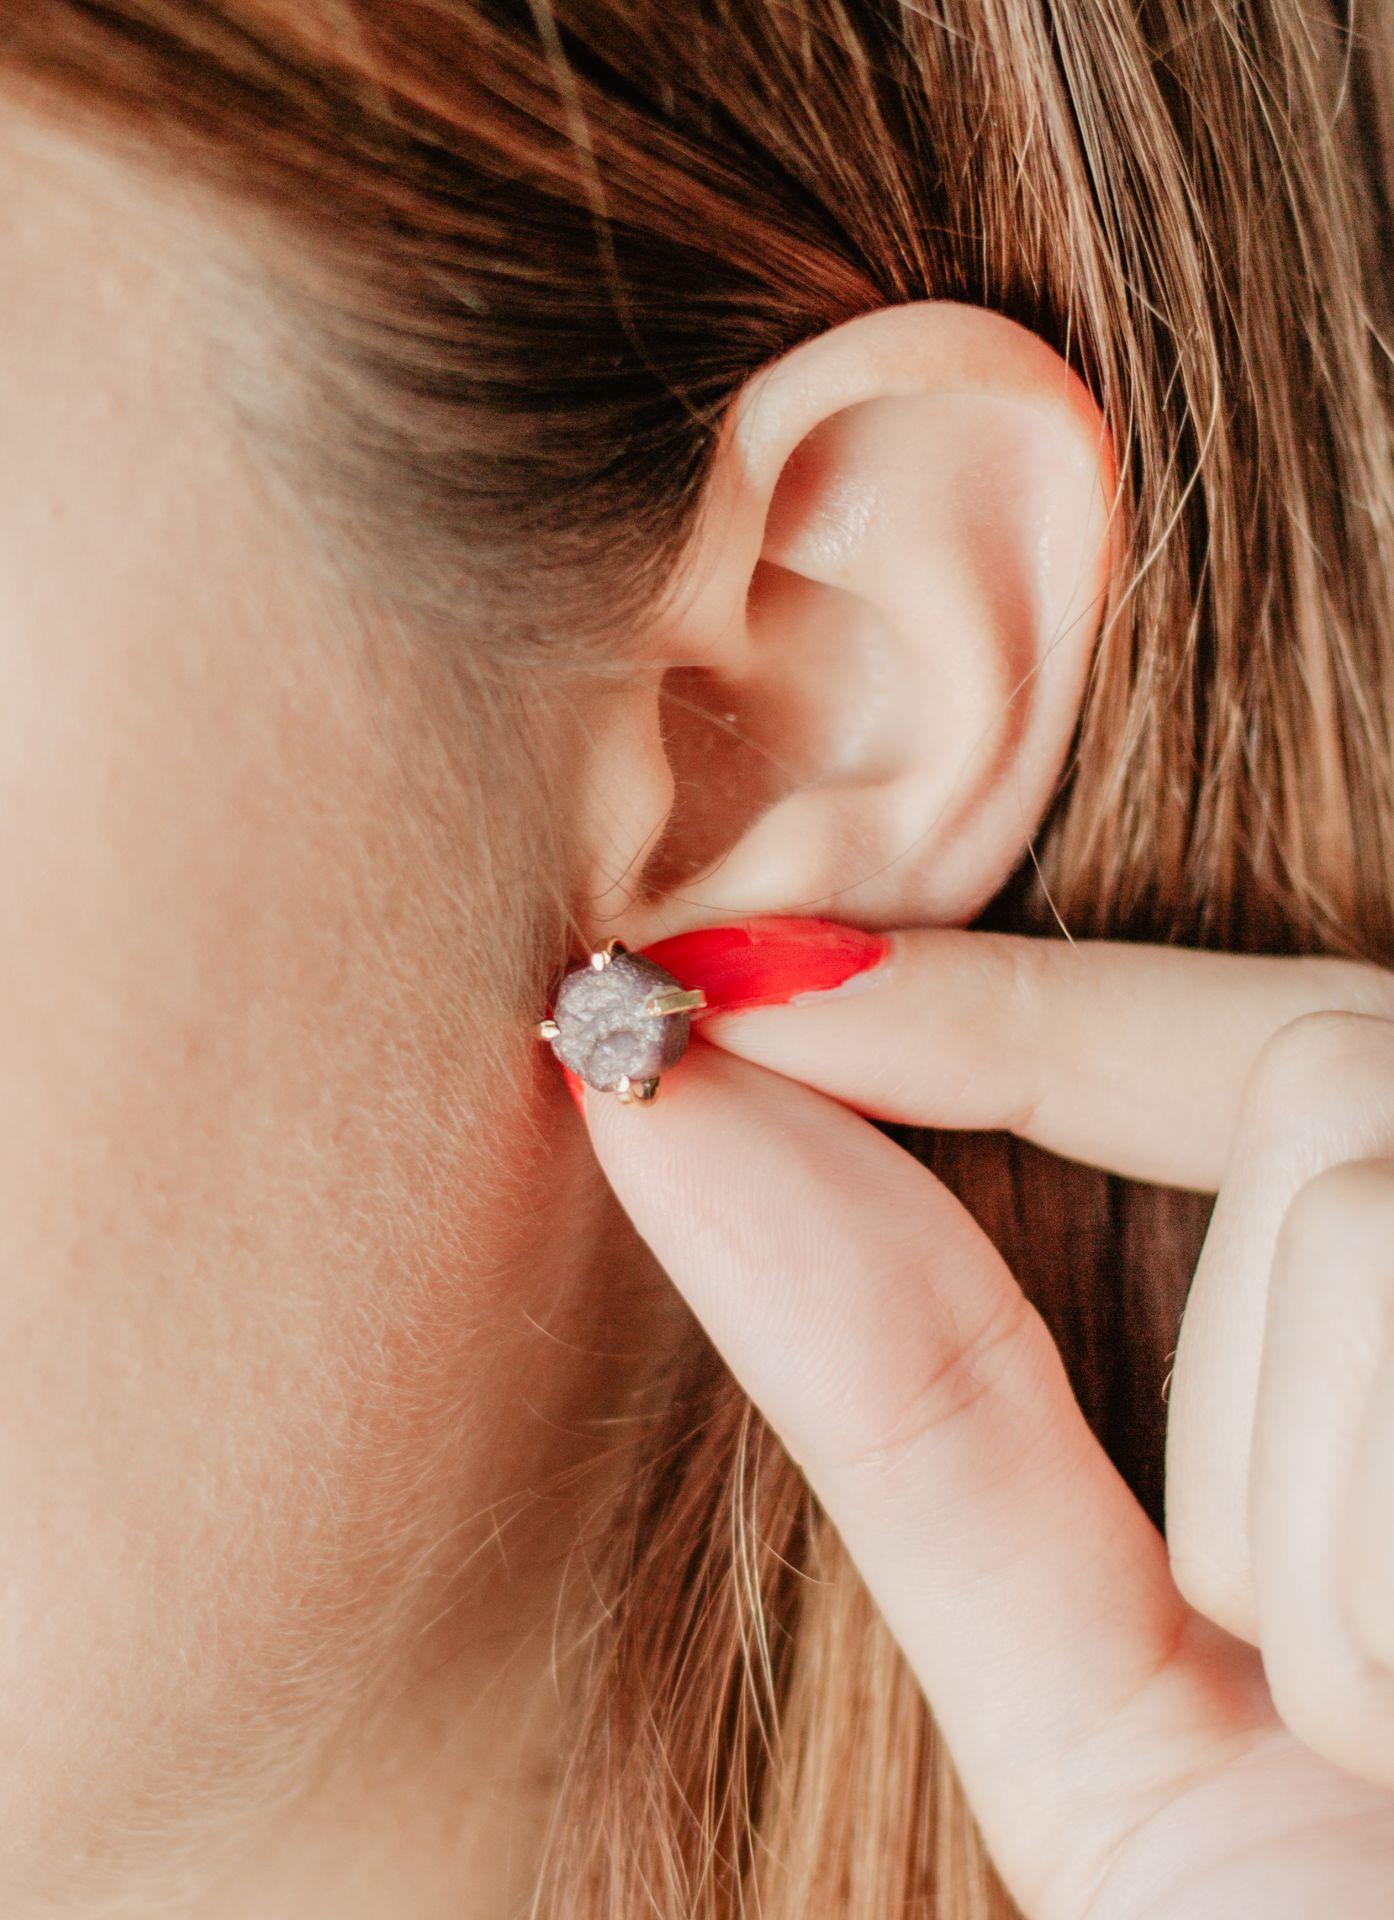 DECADORN Pozlacené náušnice s narozeninovým kamenem Birthstone Červenec - rubín, zlatá barva, kov, kámen